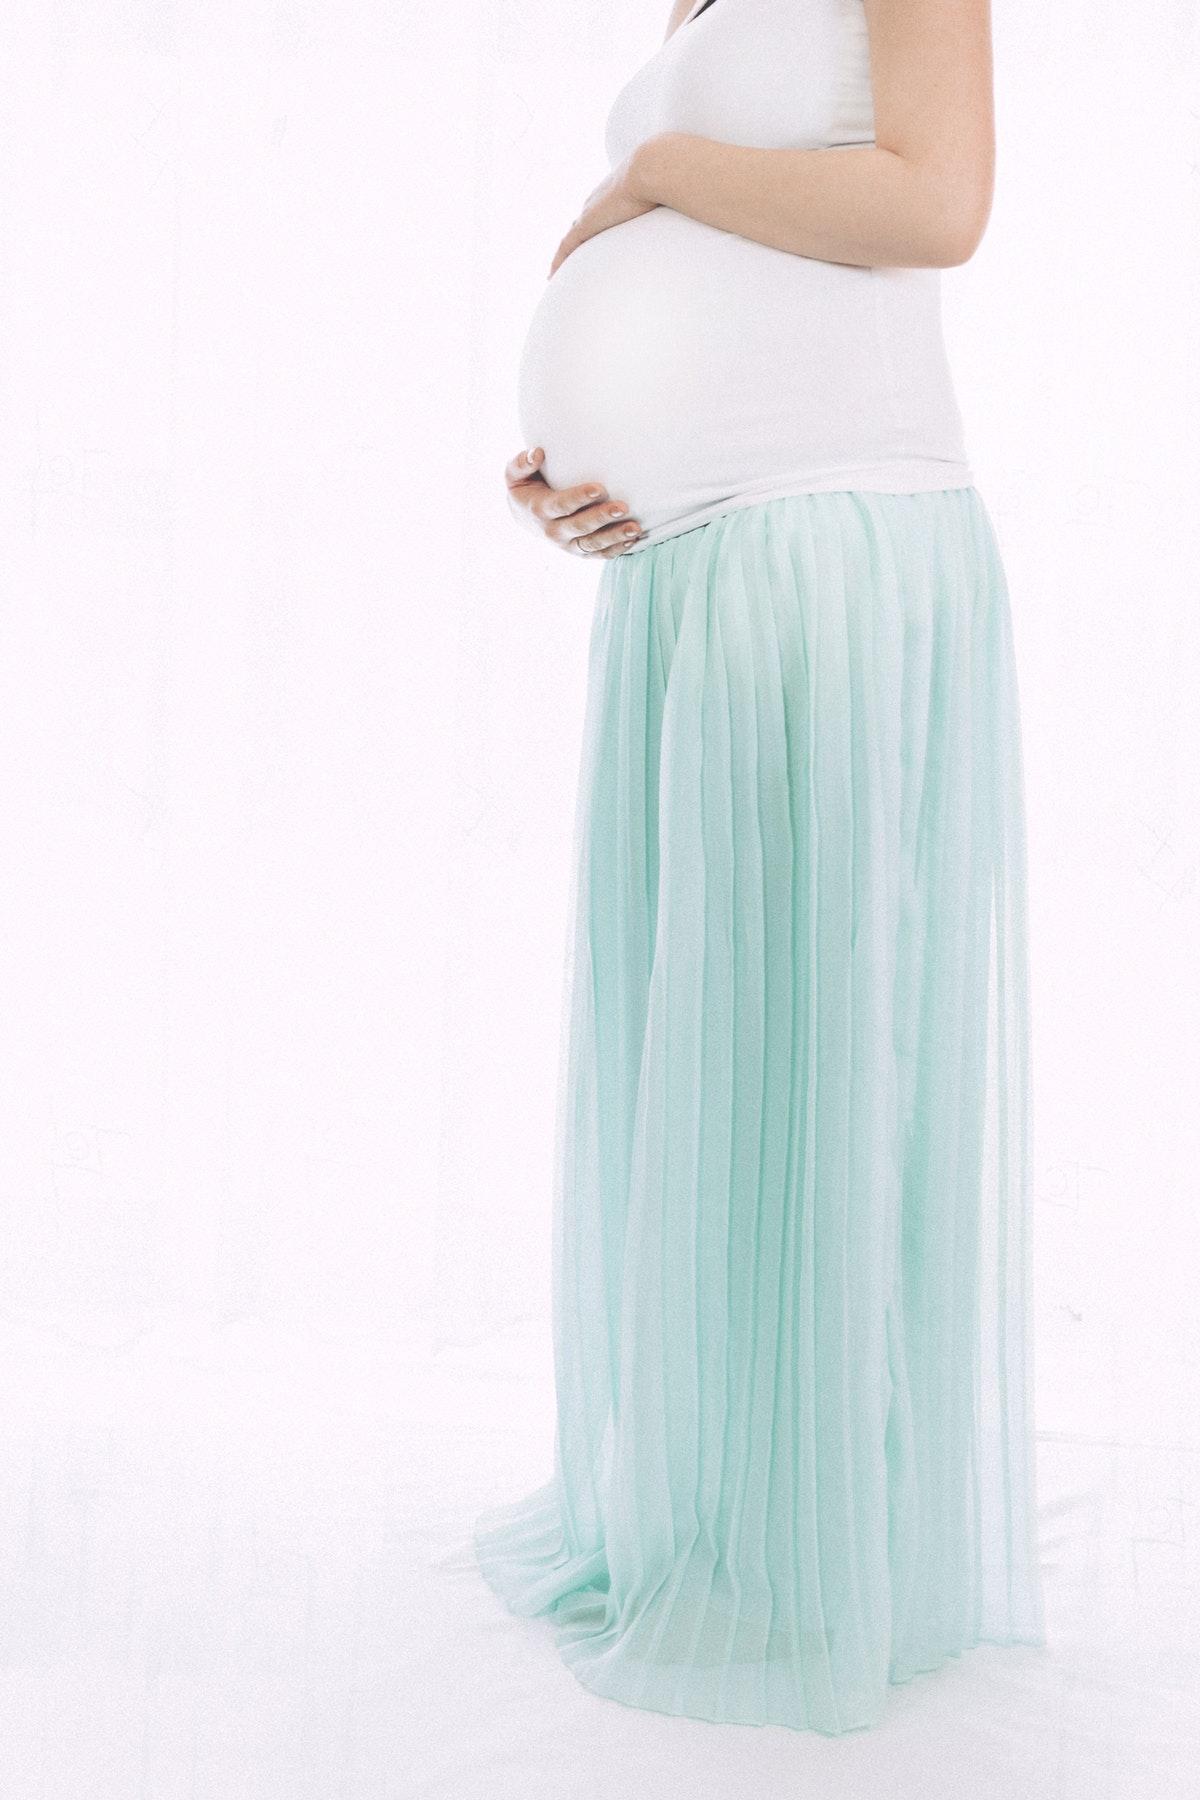 Få foreviget din graviditet med et smukt portræt Herning